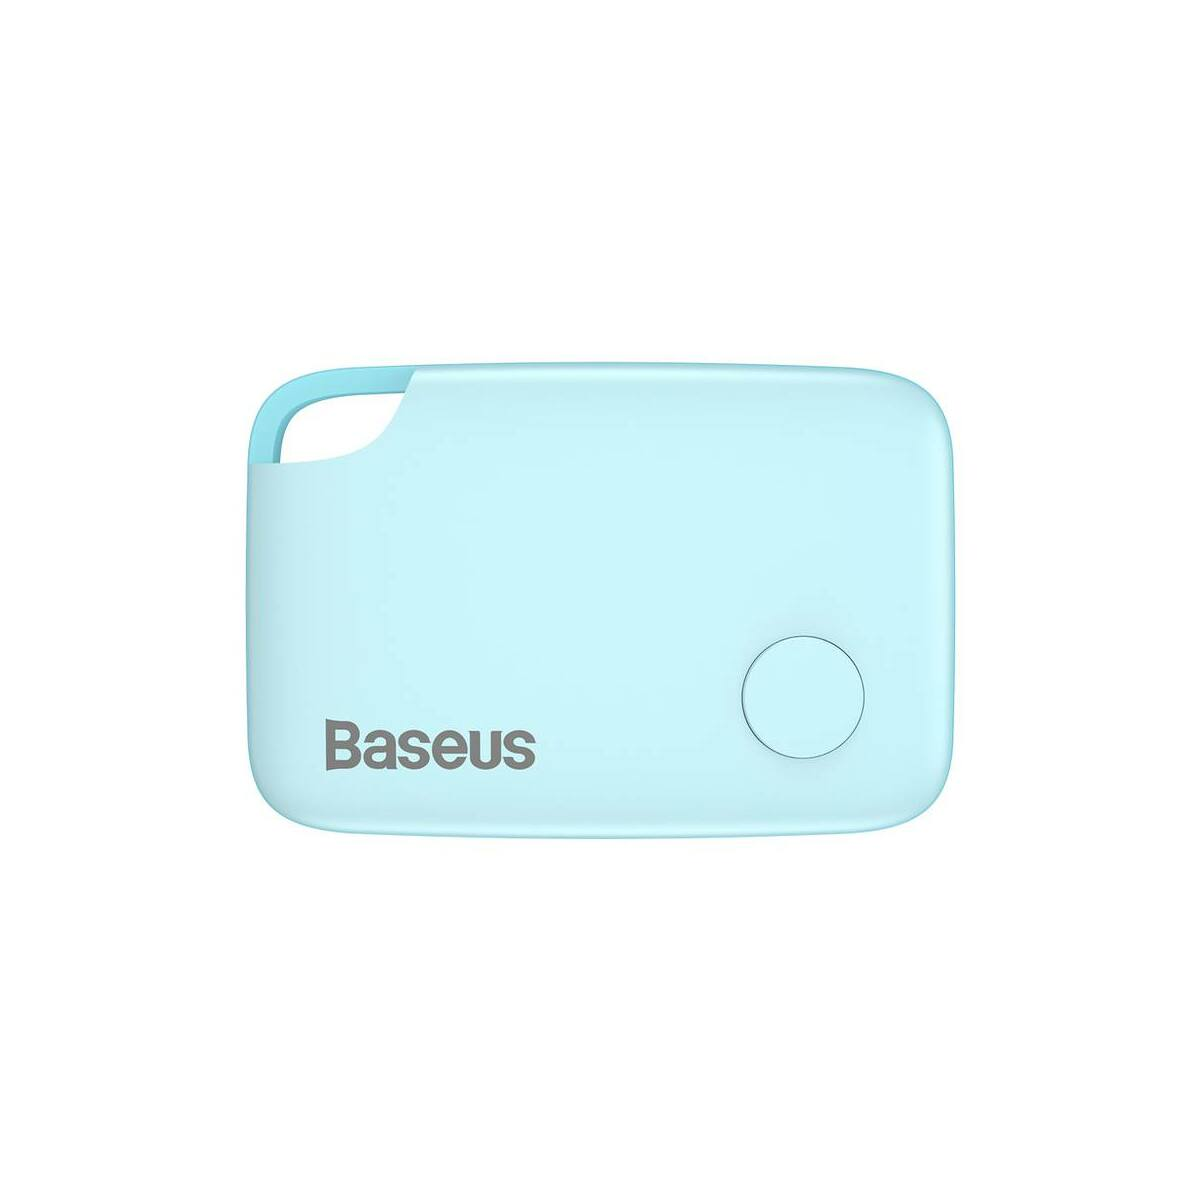 Baseus otthon, Intelligent T2 mini kötél forma, elveszett eszközök/kulcsok megtalálásához eszköz és detektor, kék (ZLFDQT2-03)